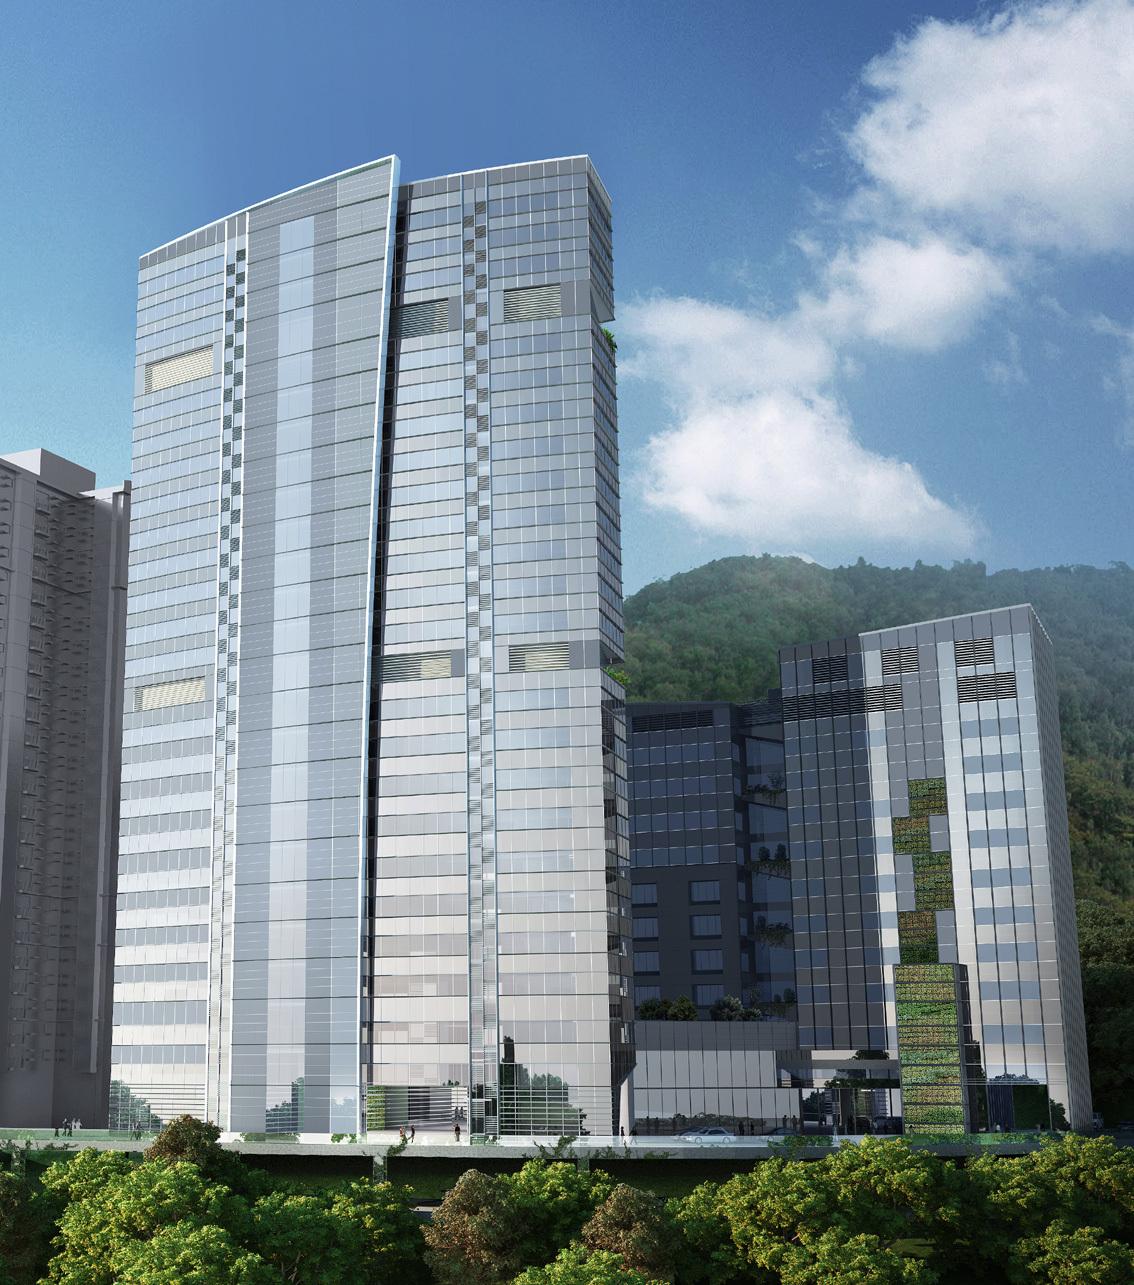 Union hospital lo spazio design archinect for Hk architecture firm